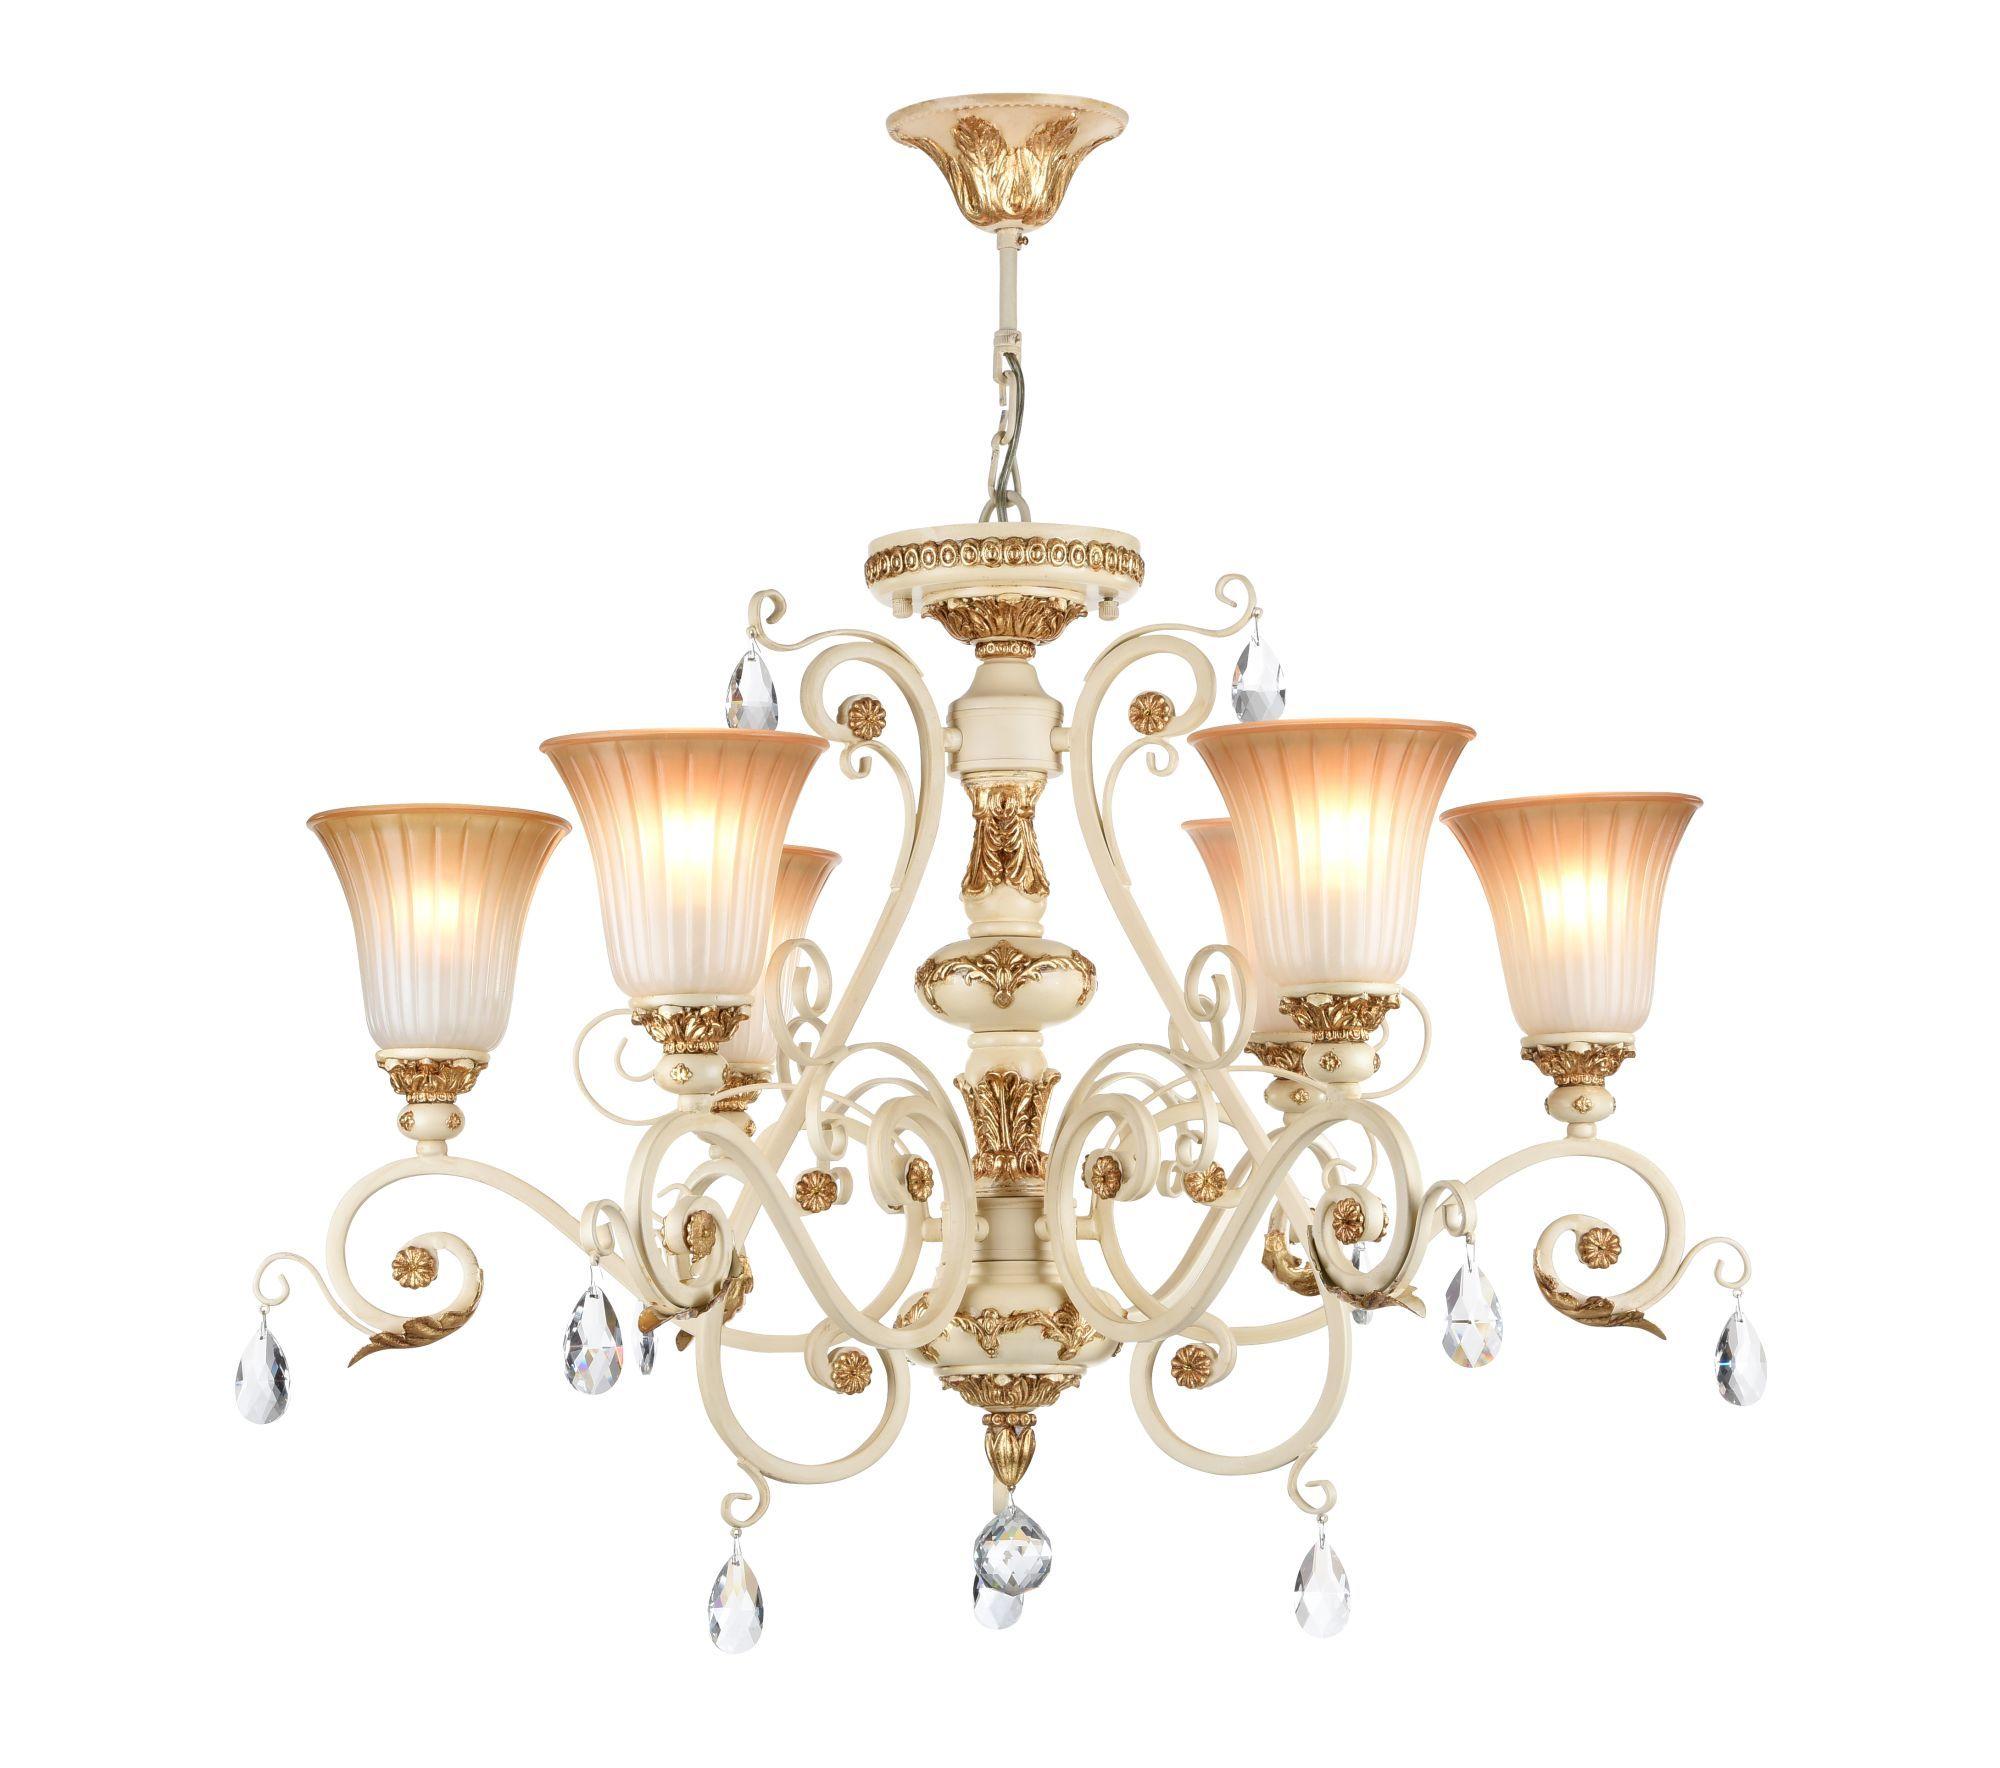 Потолочно-подвесная люстра Freya Symphony FR2333-PL-06-BG, бежевый, золото, коричневый, прозрачный, металл, стекло, хрусталь - фото 1